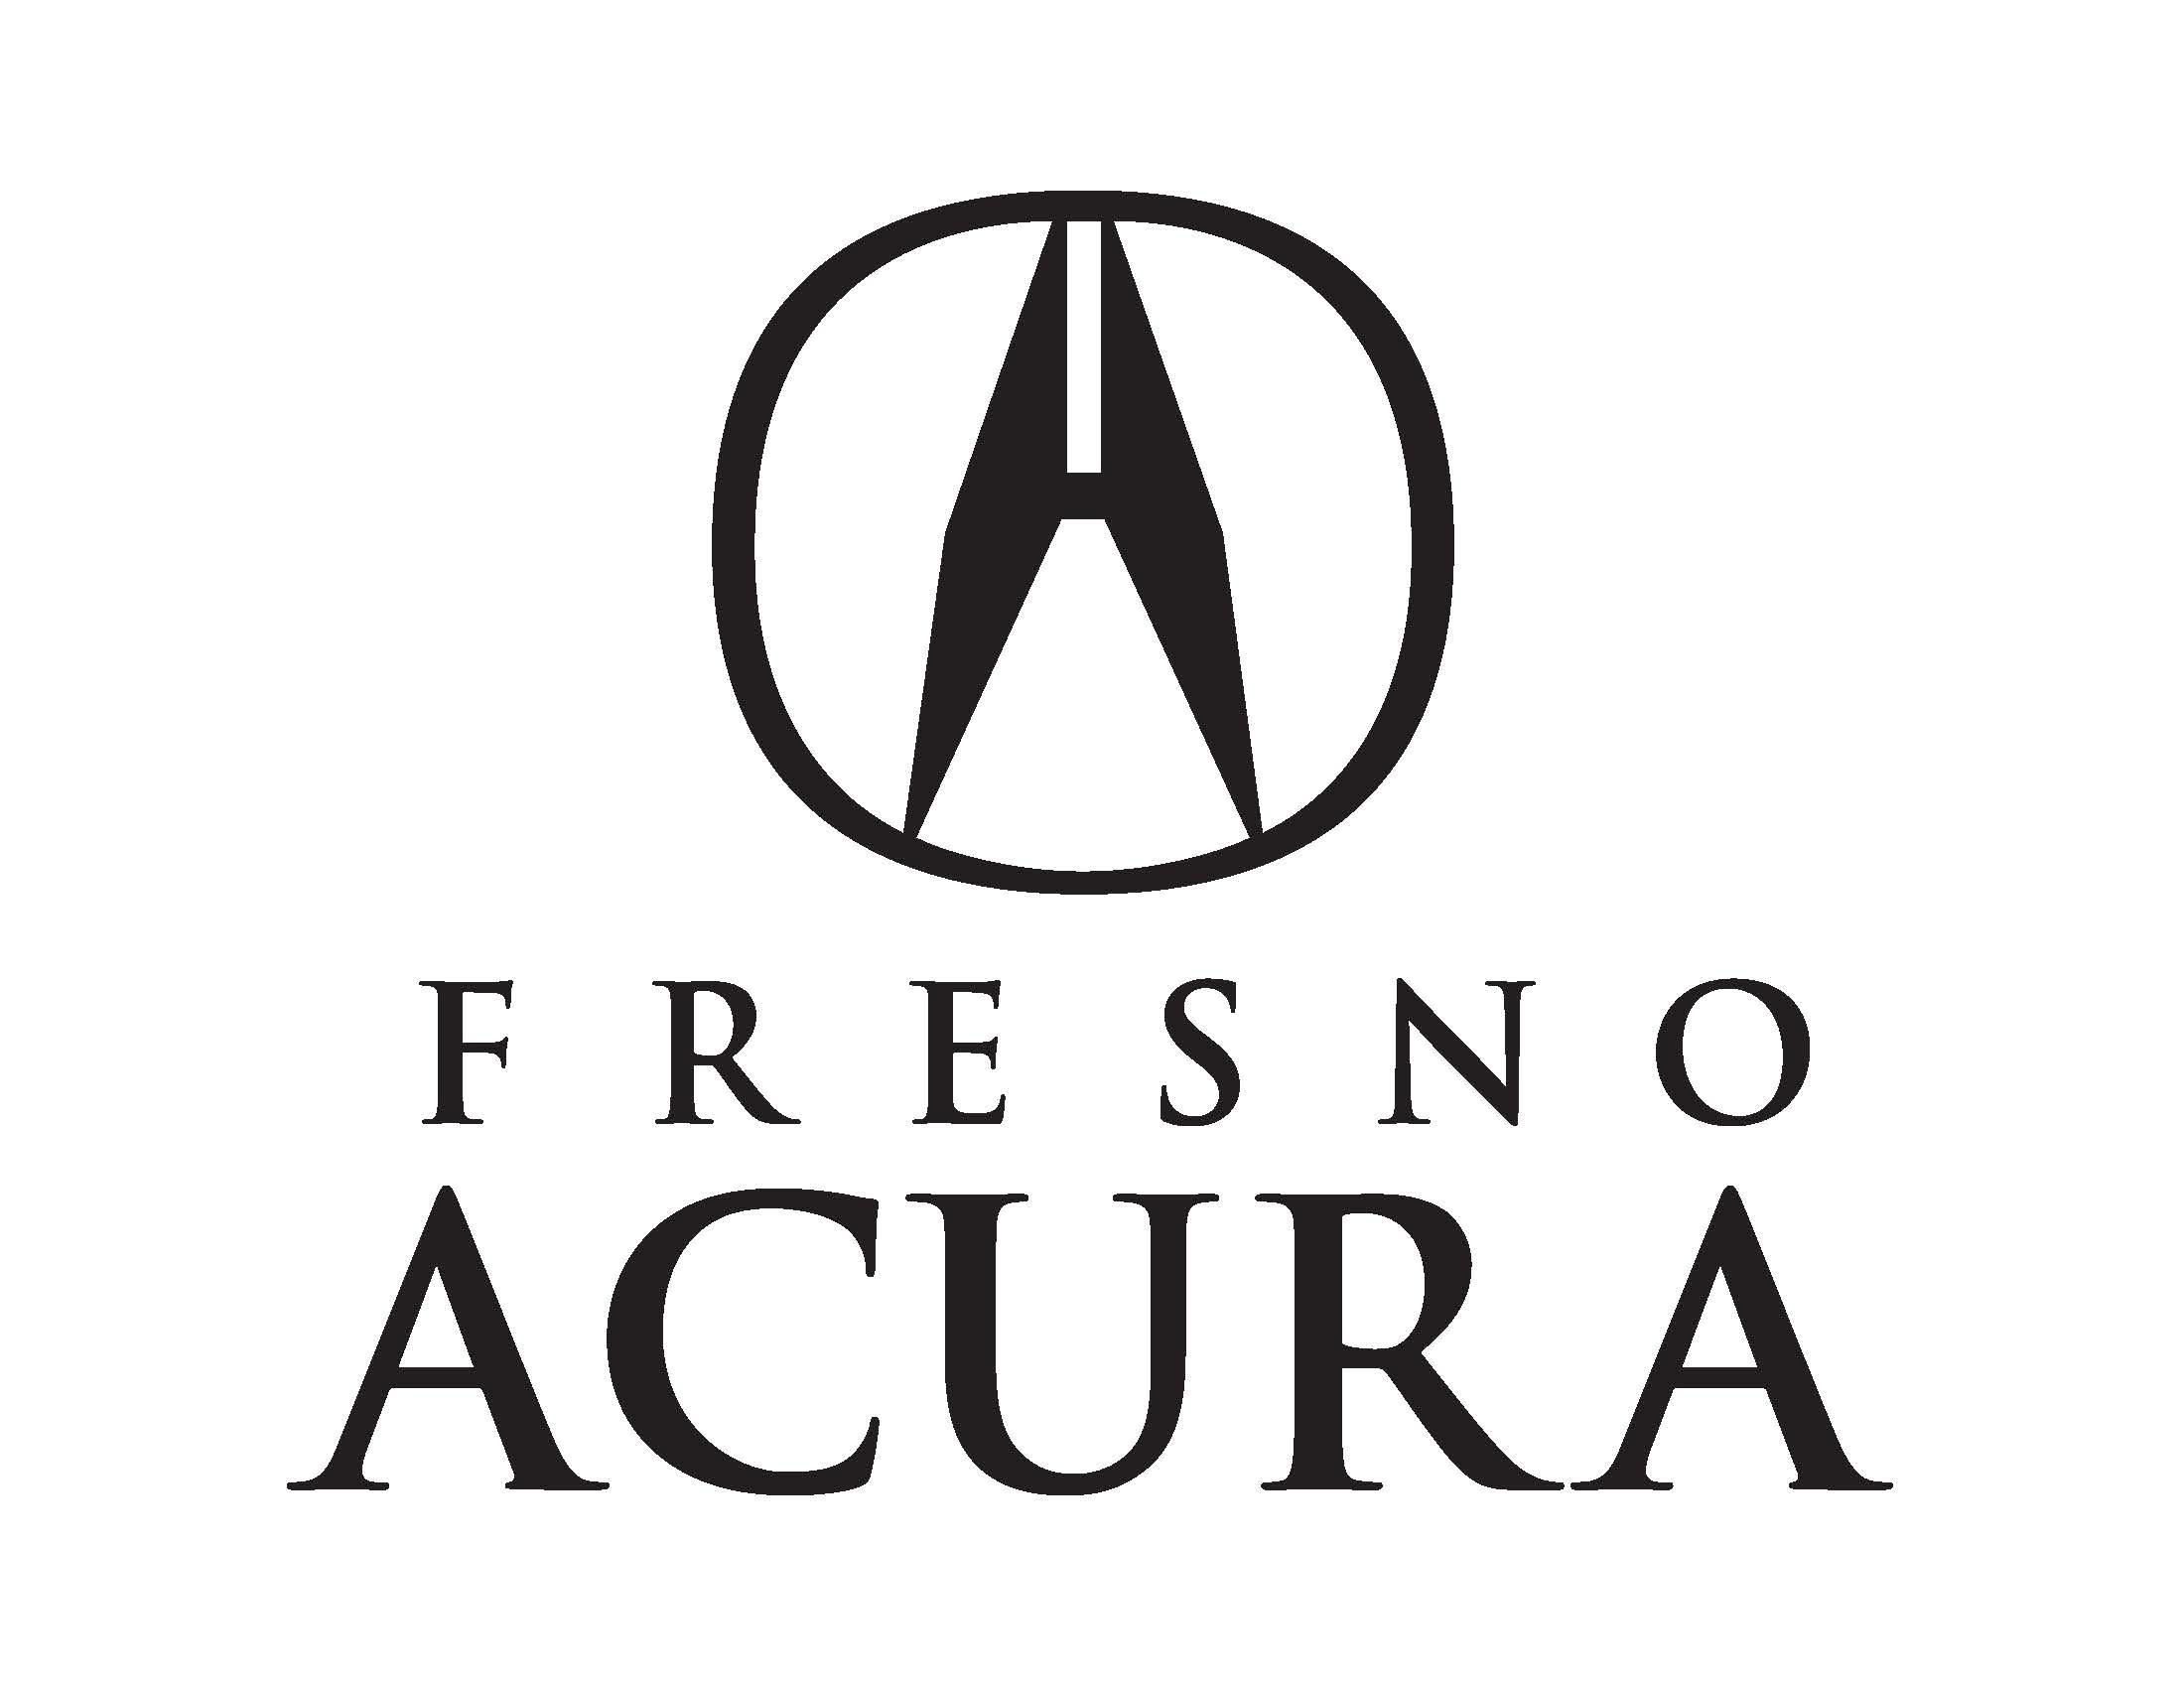 Fresno Acura